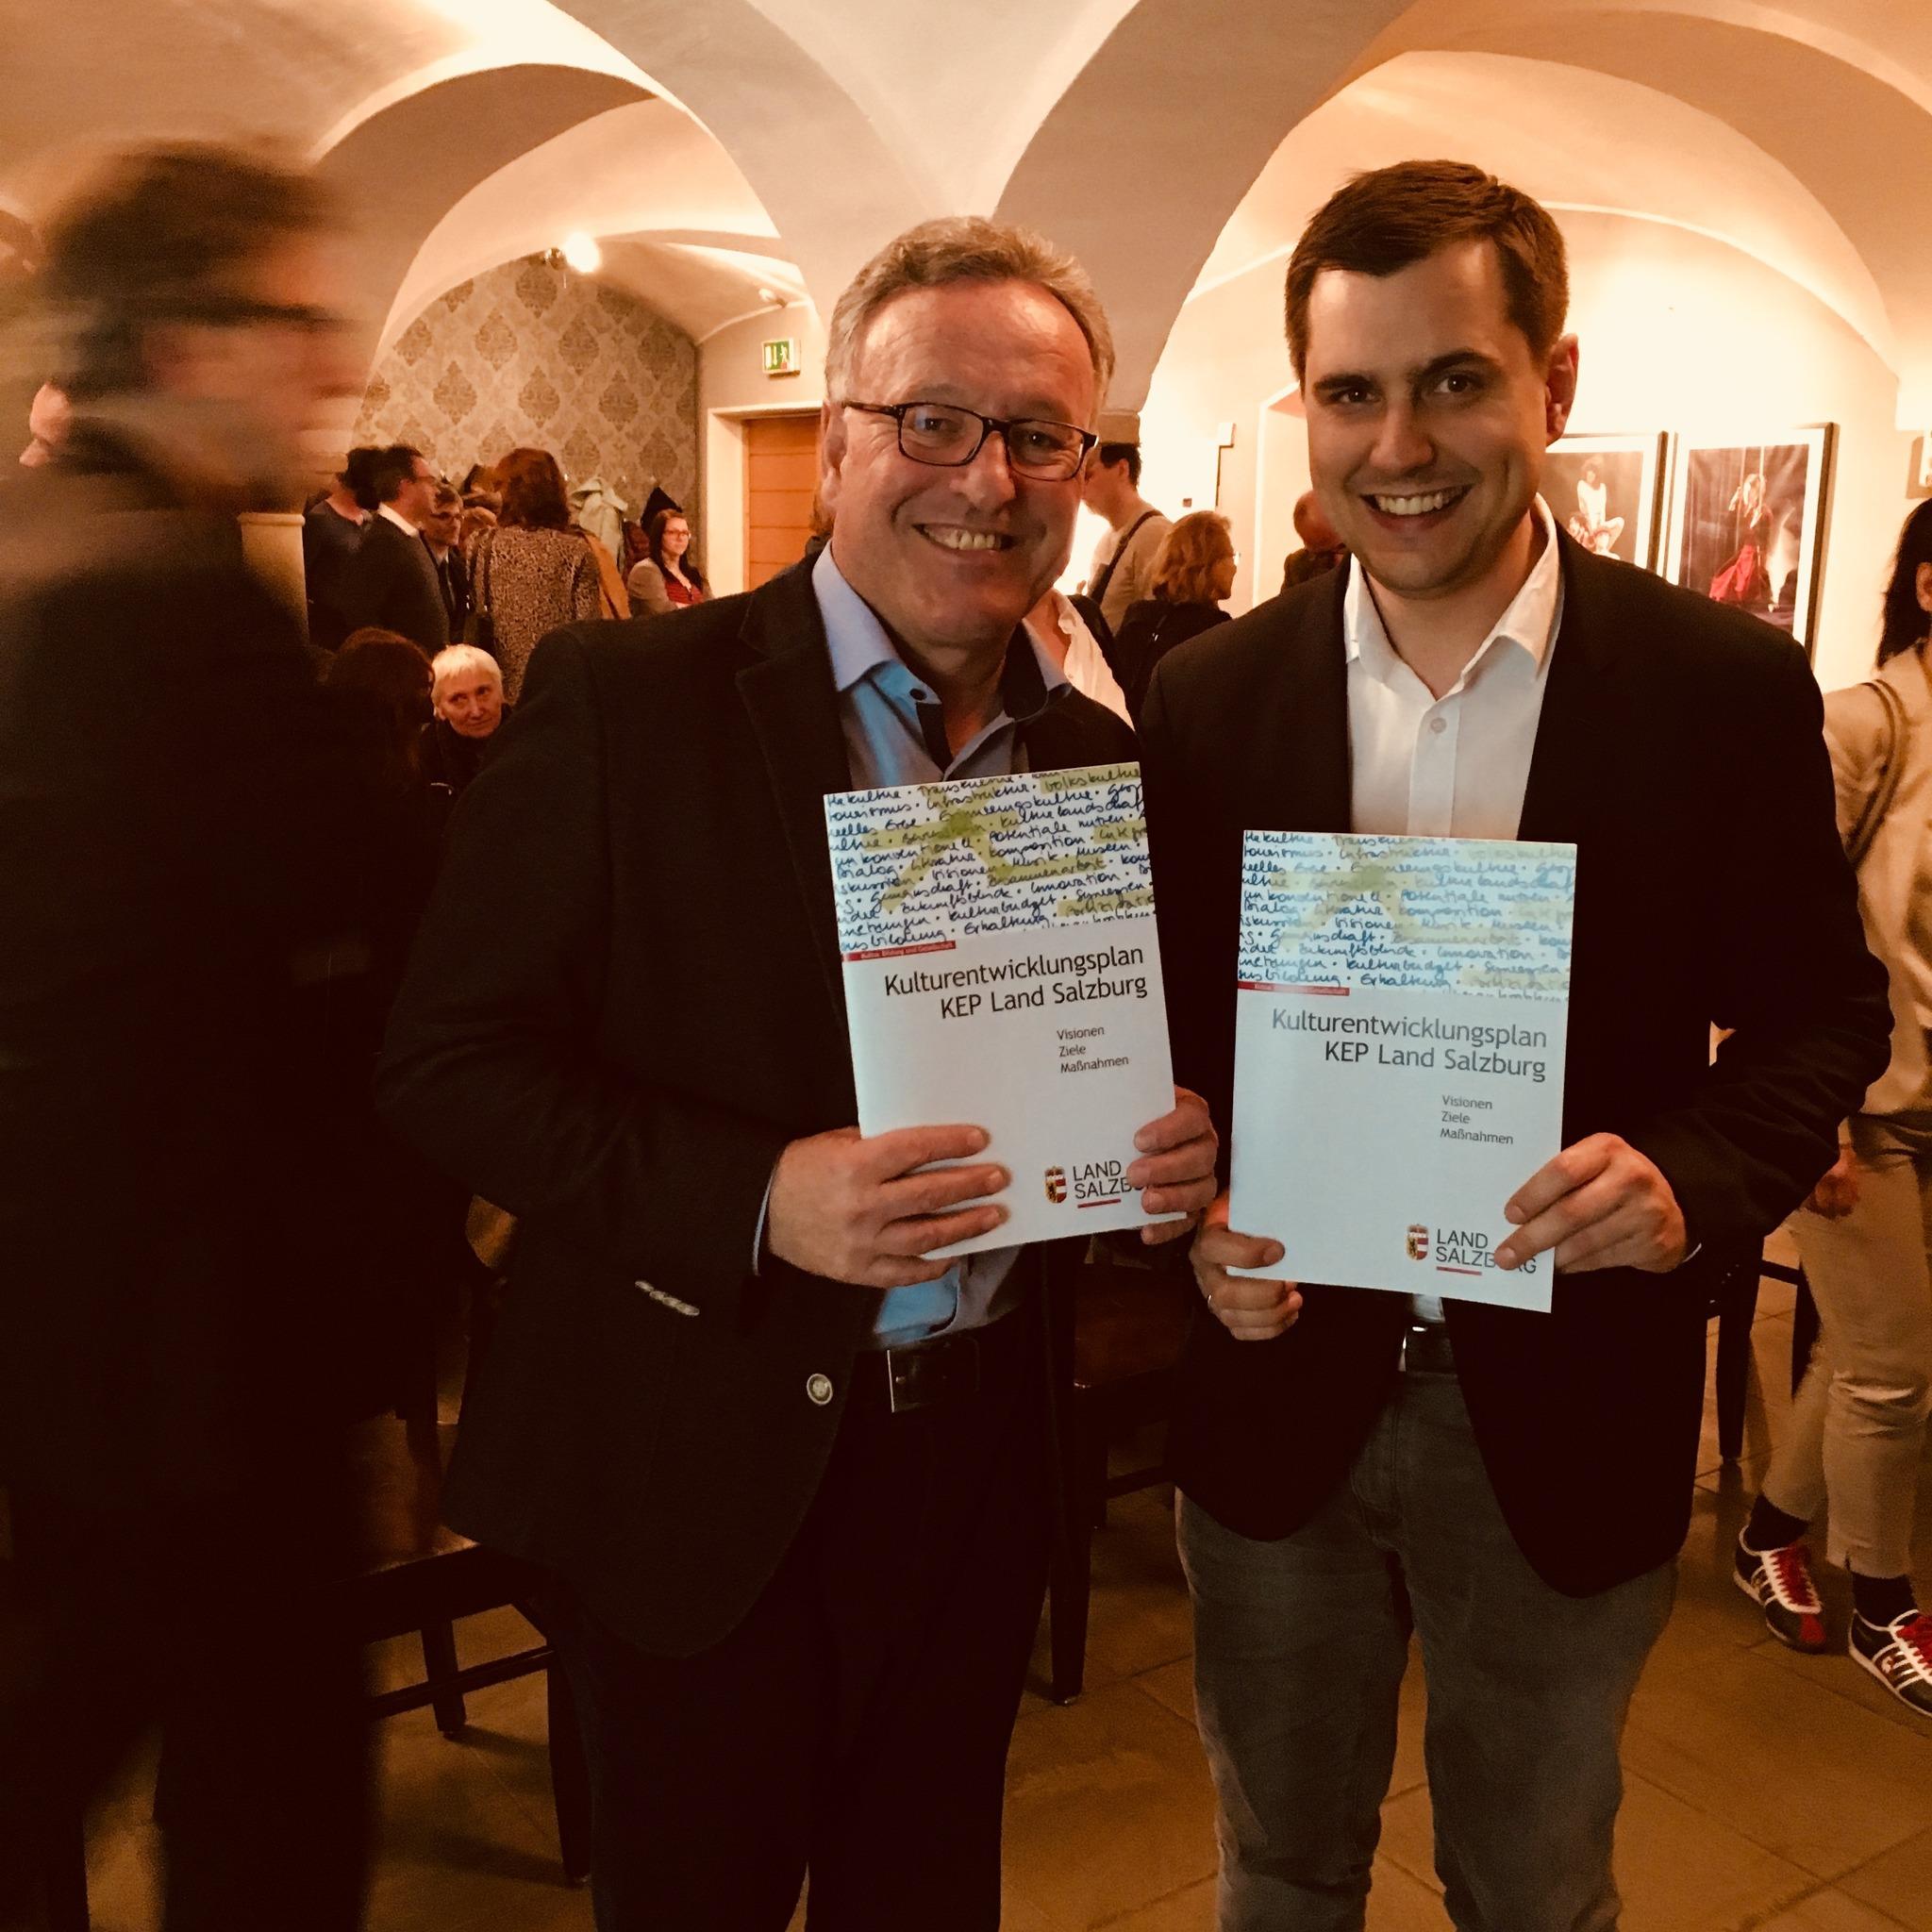 Saalfelden: Morgen Wird Der Kulturentwicklungsplan